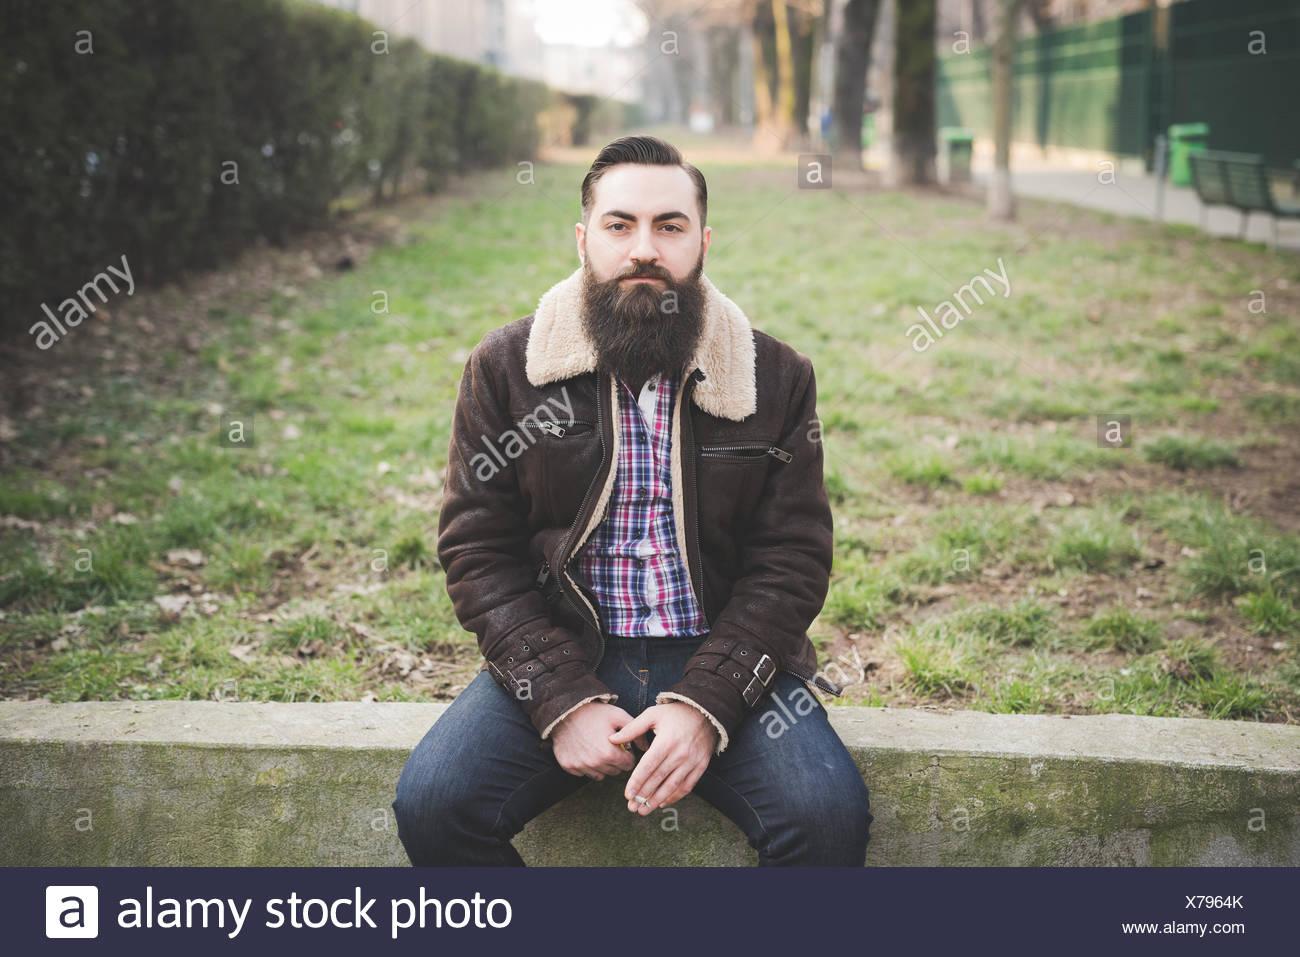 Joven hombre barbado en estacionamiento Foto de stock